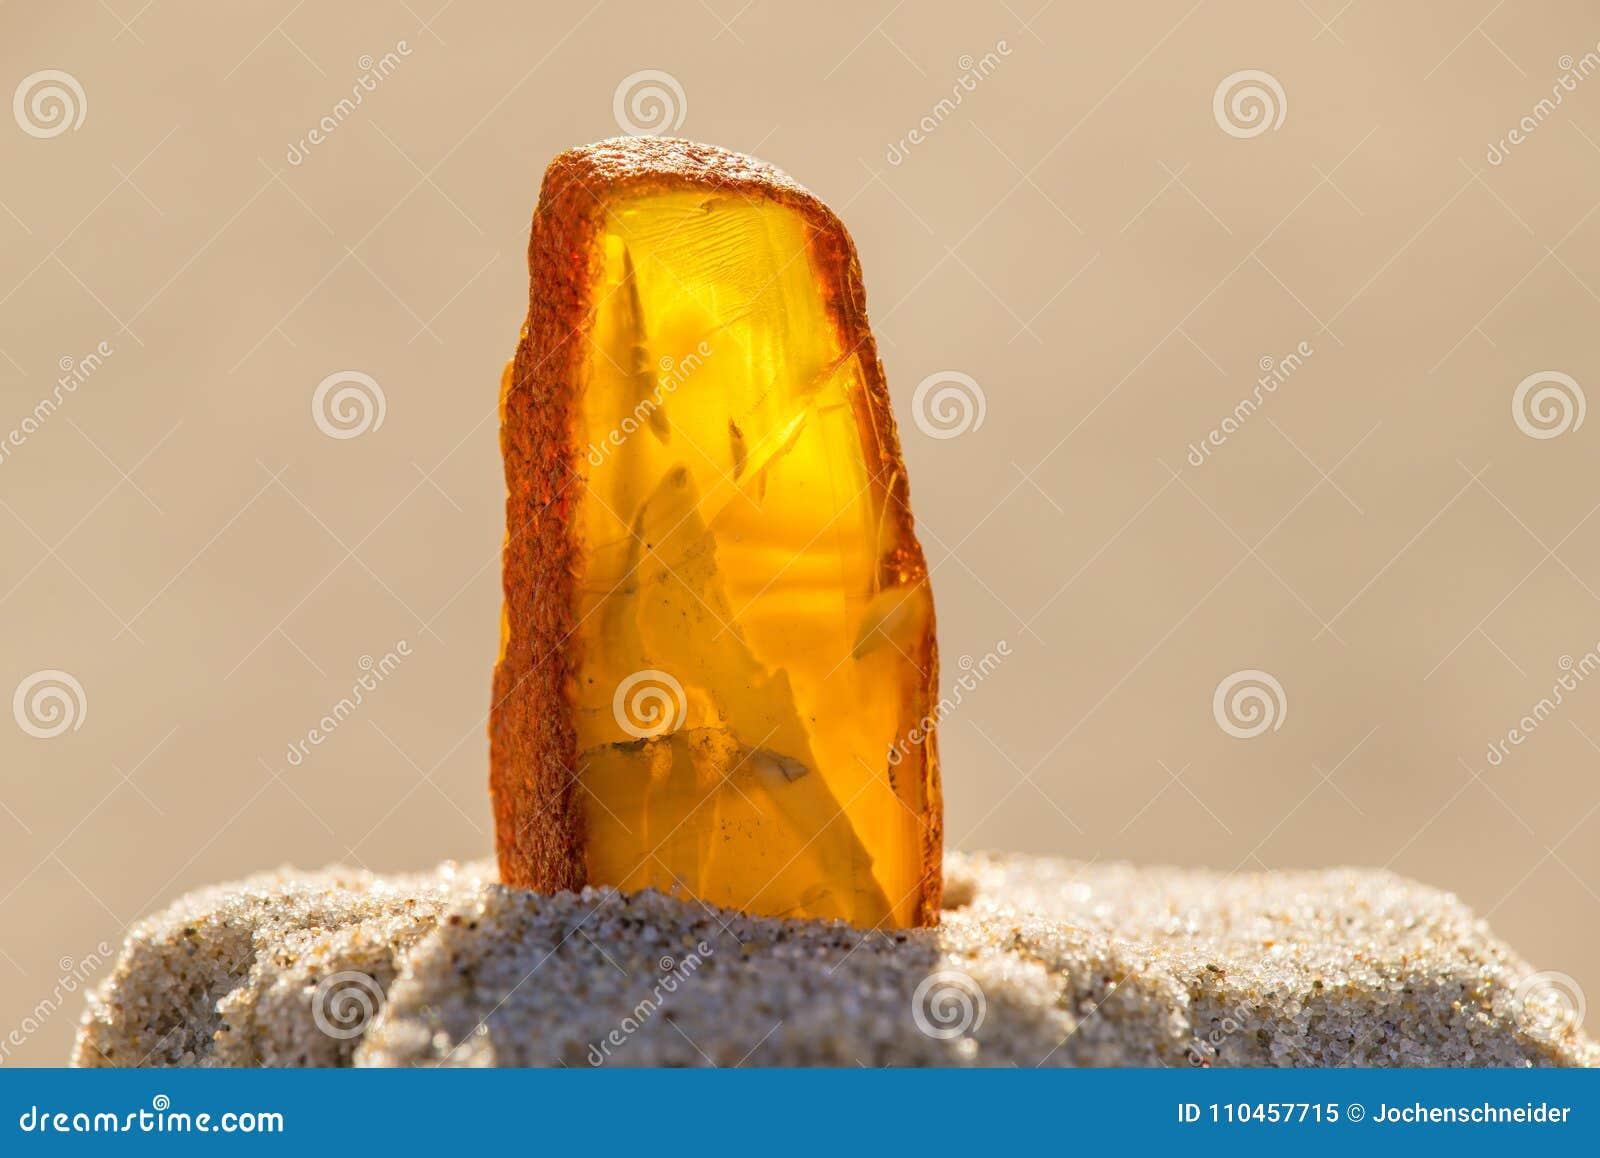 Bärnsten i sol på en strand av det baltiska havet